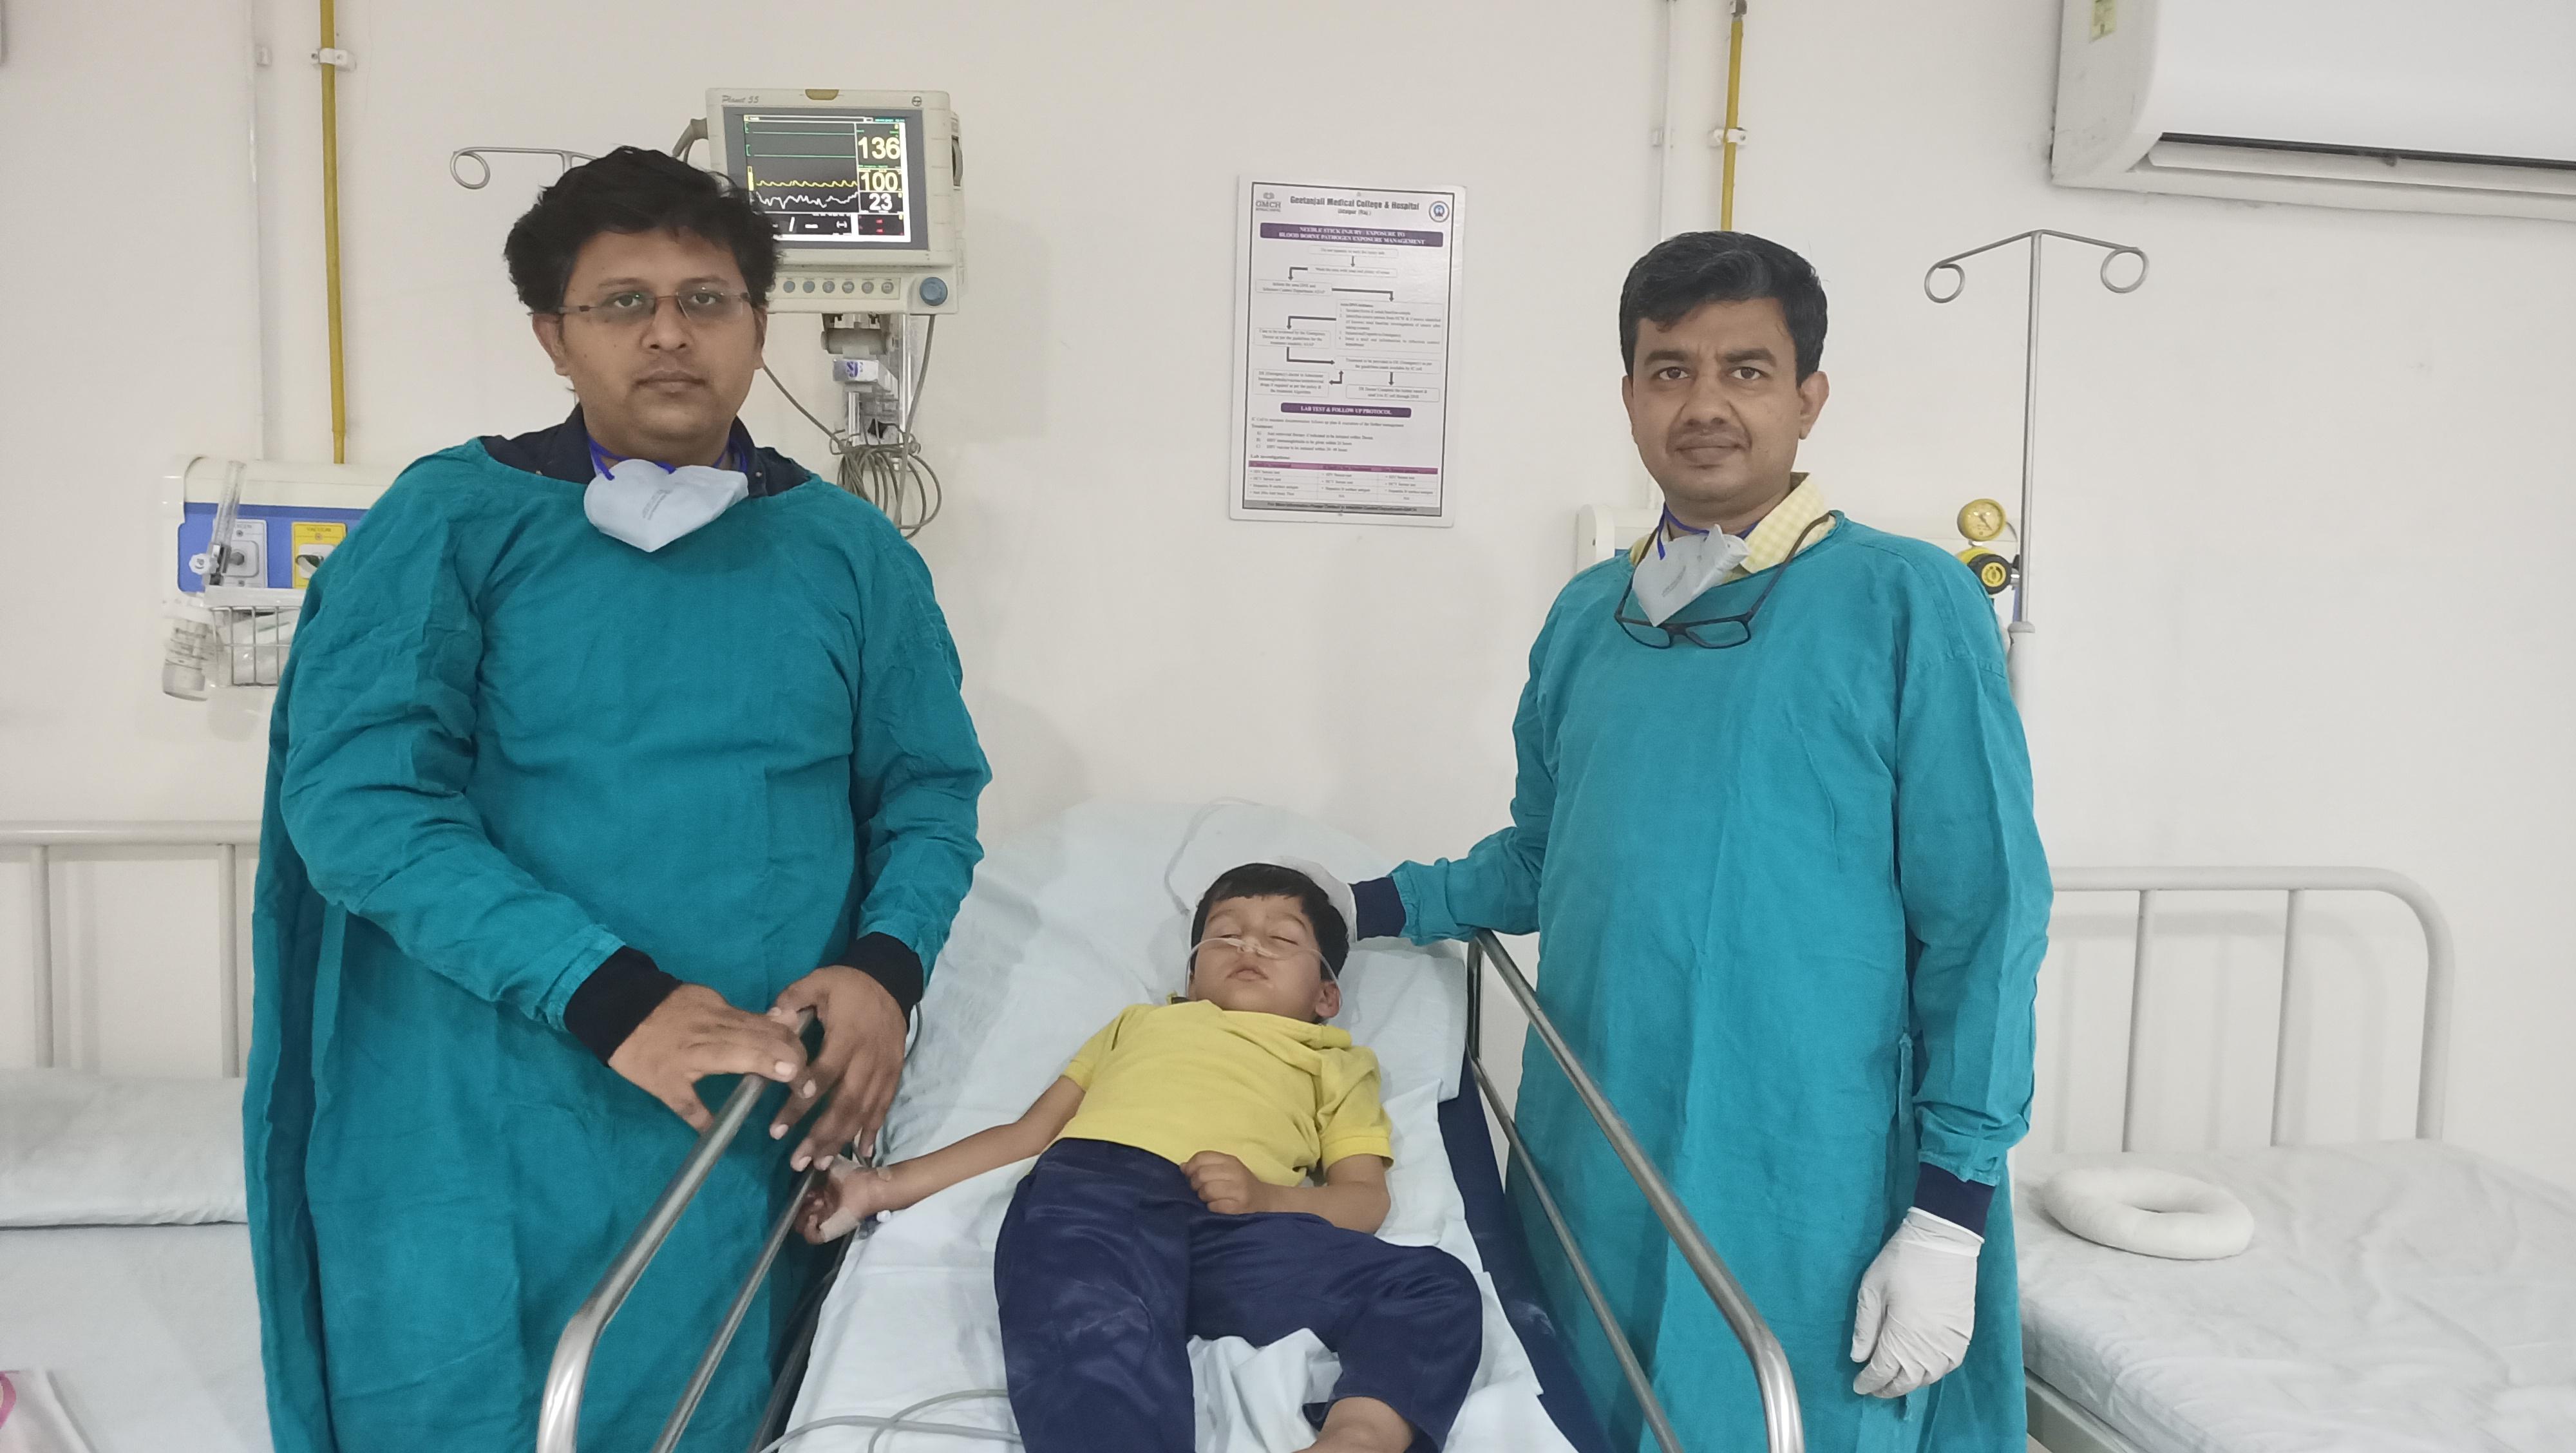 GMCH-मात्र 4 वर्षीय बच्चे की भोजन नली में फंसे अंगूर के दाने को निकालकर मिला नया जीवन